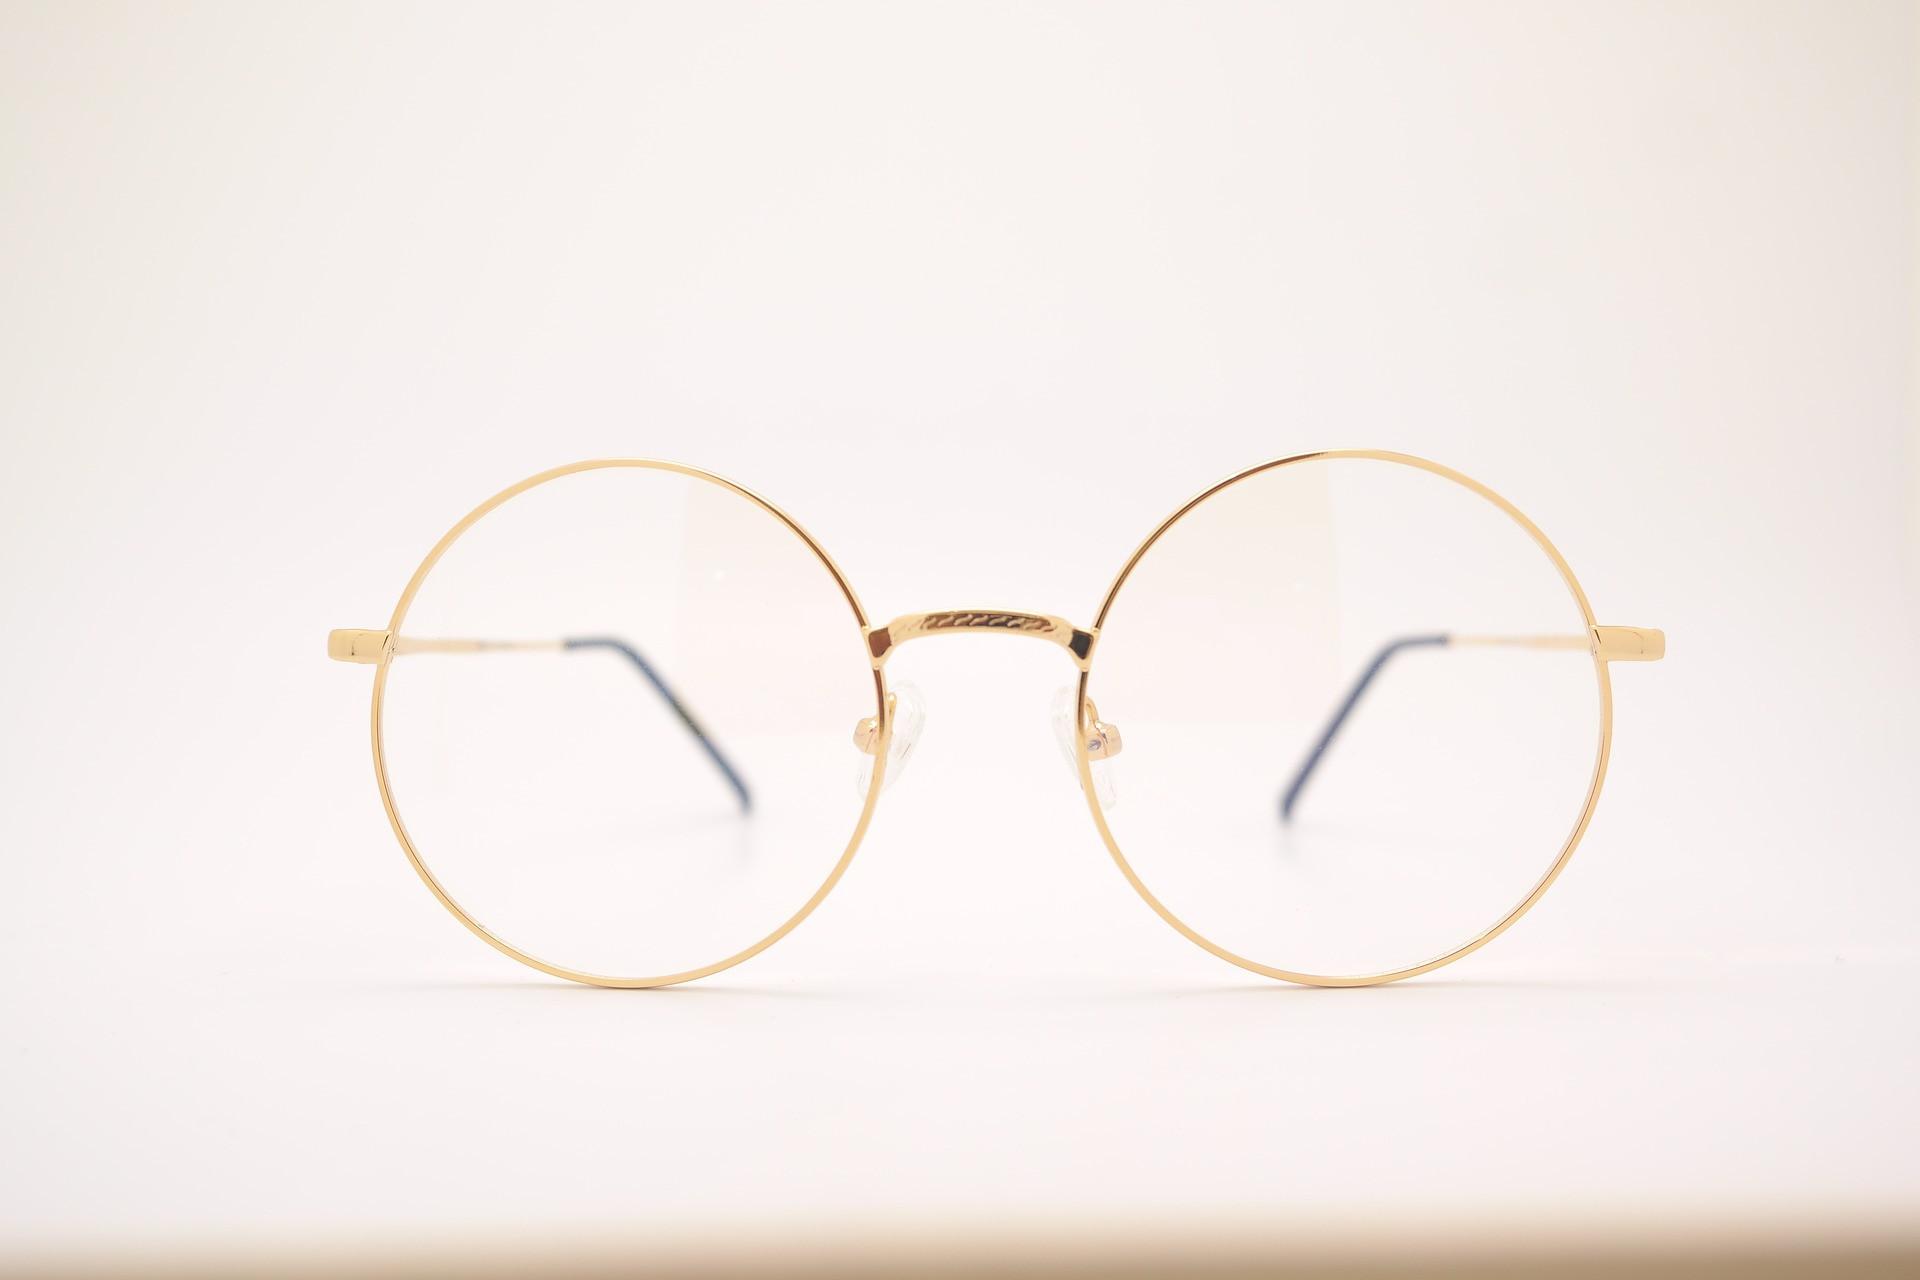 Brille abholen